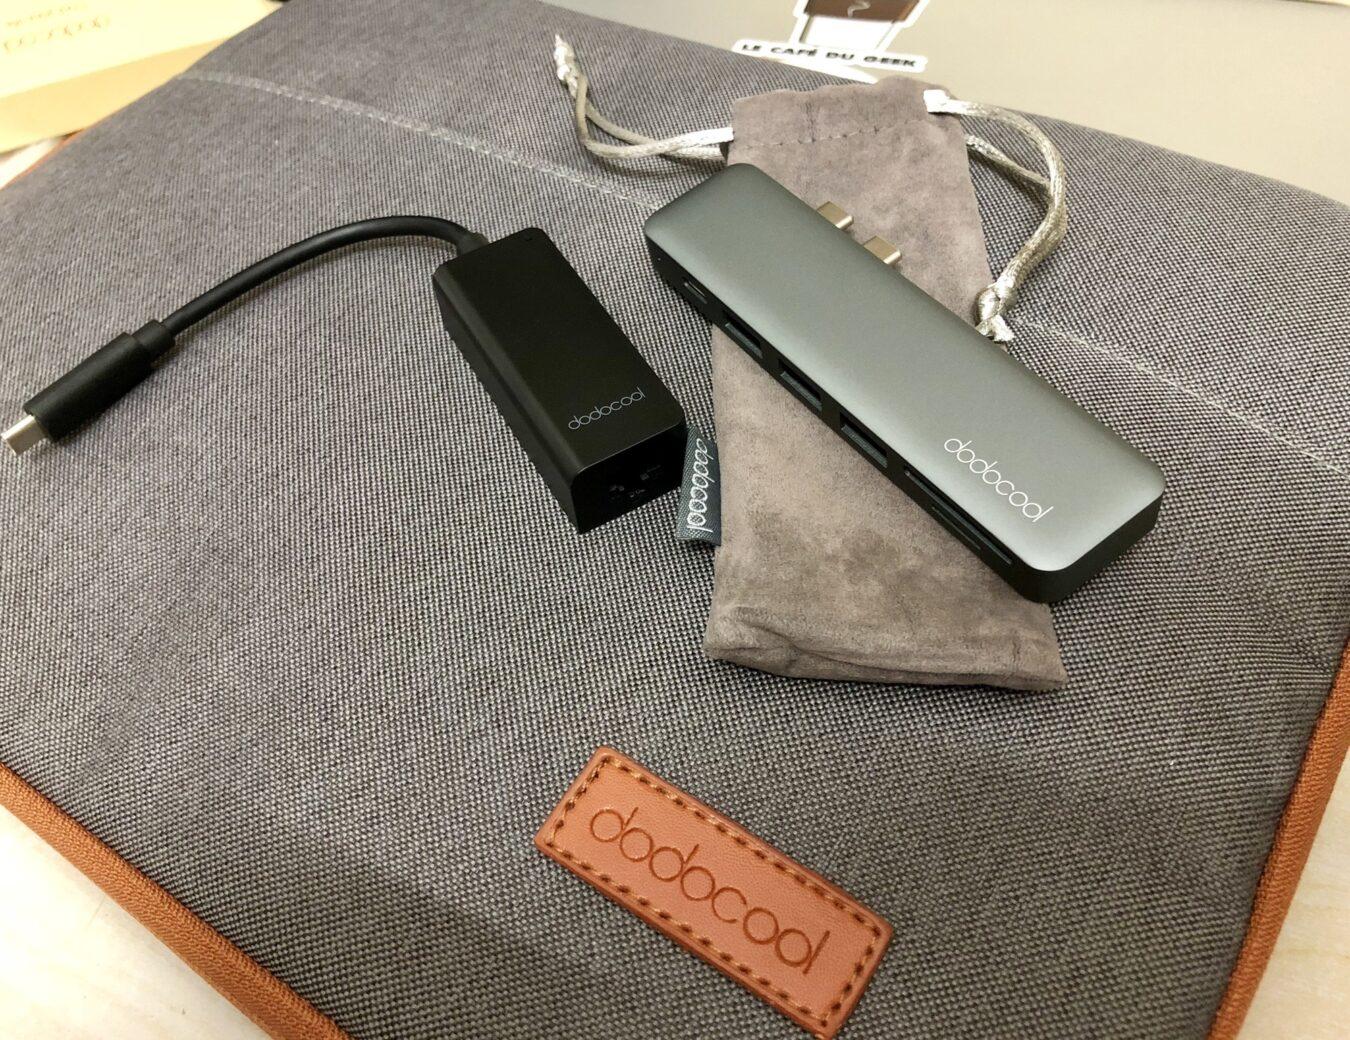 Photo of Utilisateur MacBook Pro : Les 3 accessoires indispensables à avoir (ft Dodocool)